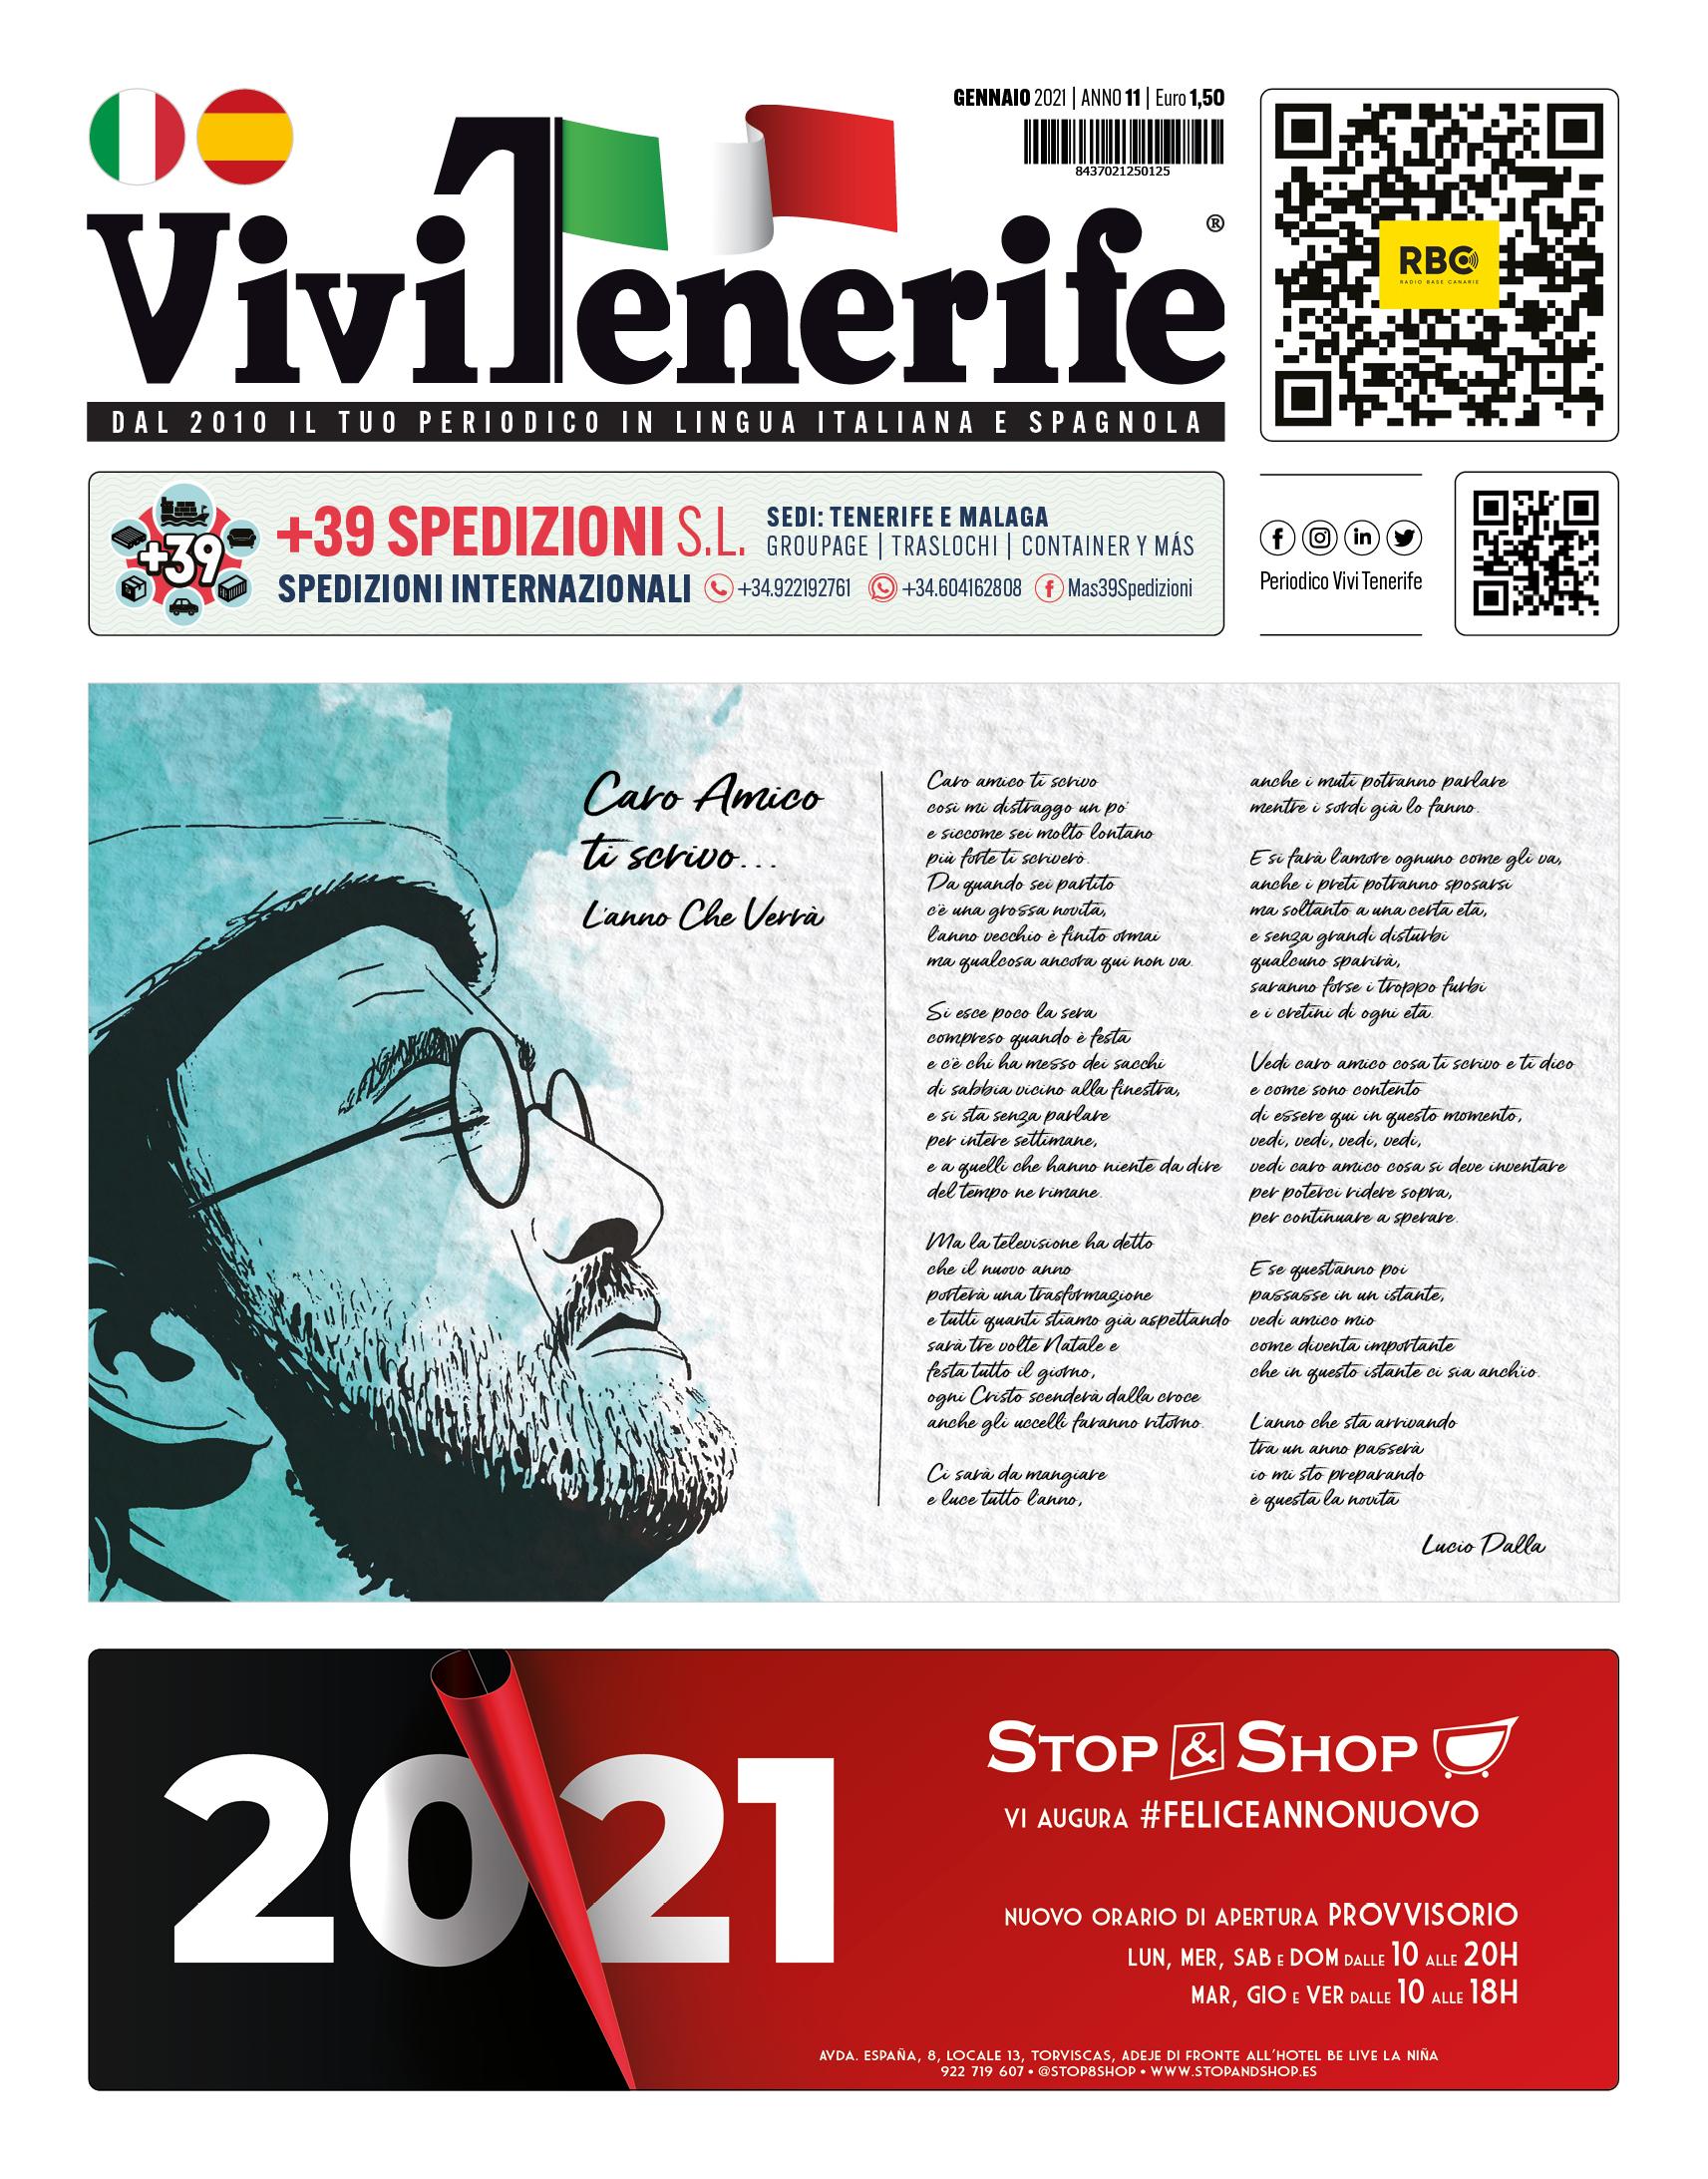 PERIODICO VIVIVTENERIFE GENNAIO 2021